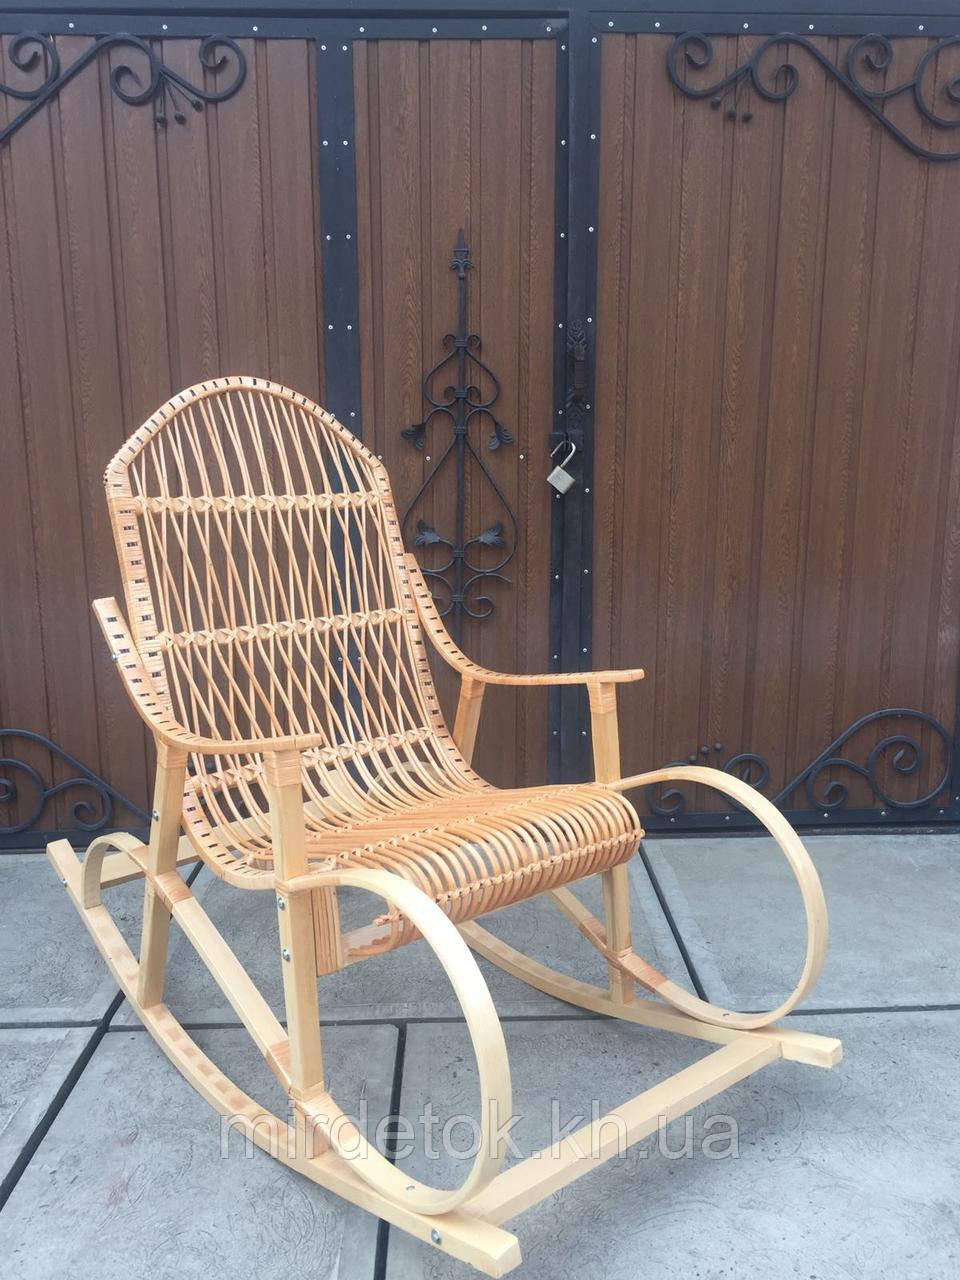 Кресло-качалка плетеное из лозы Буковое до 200 кг веса